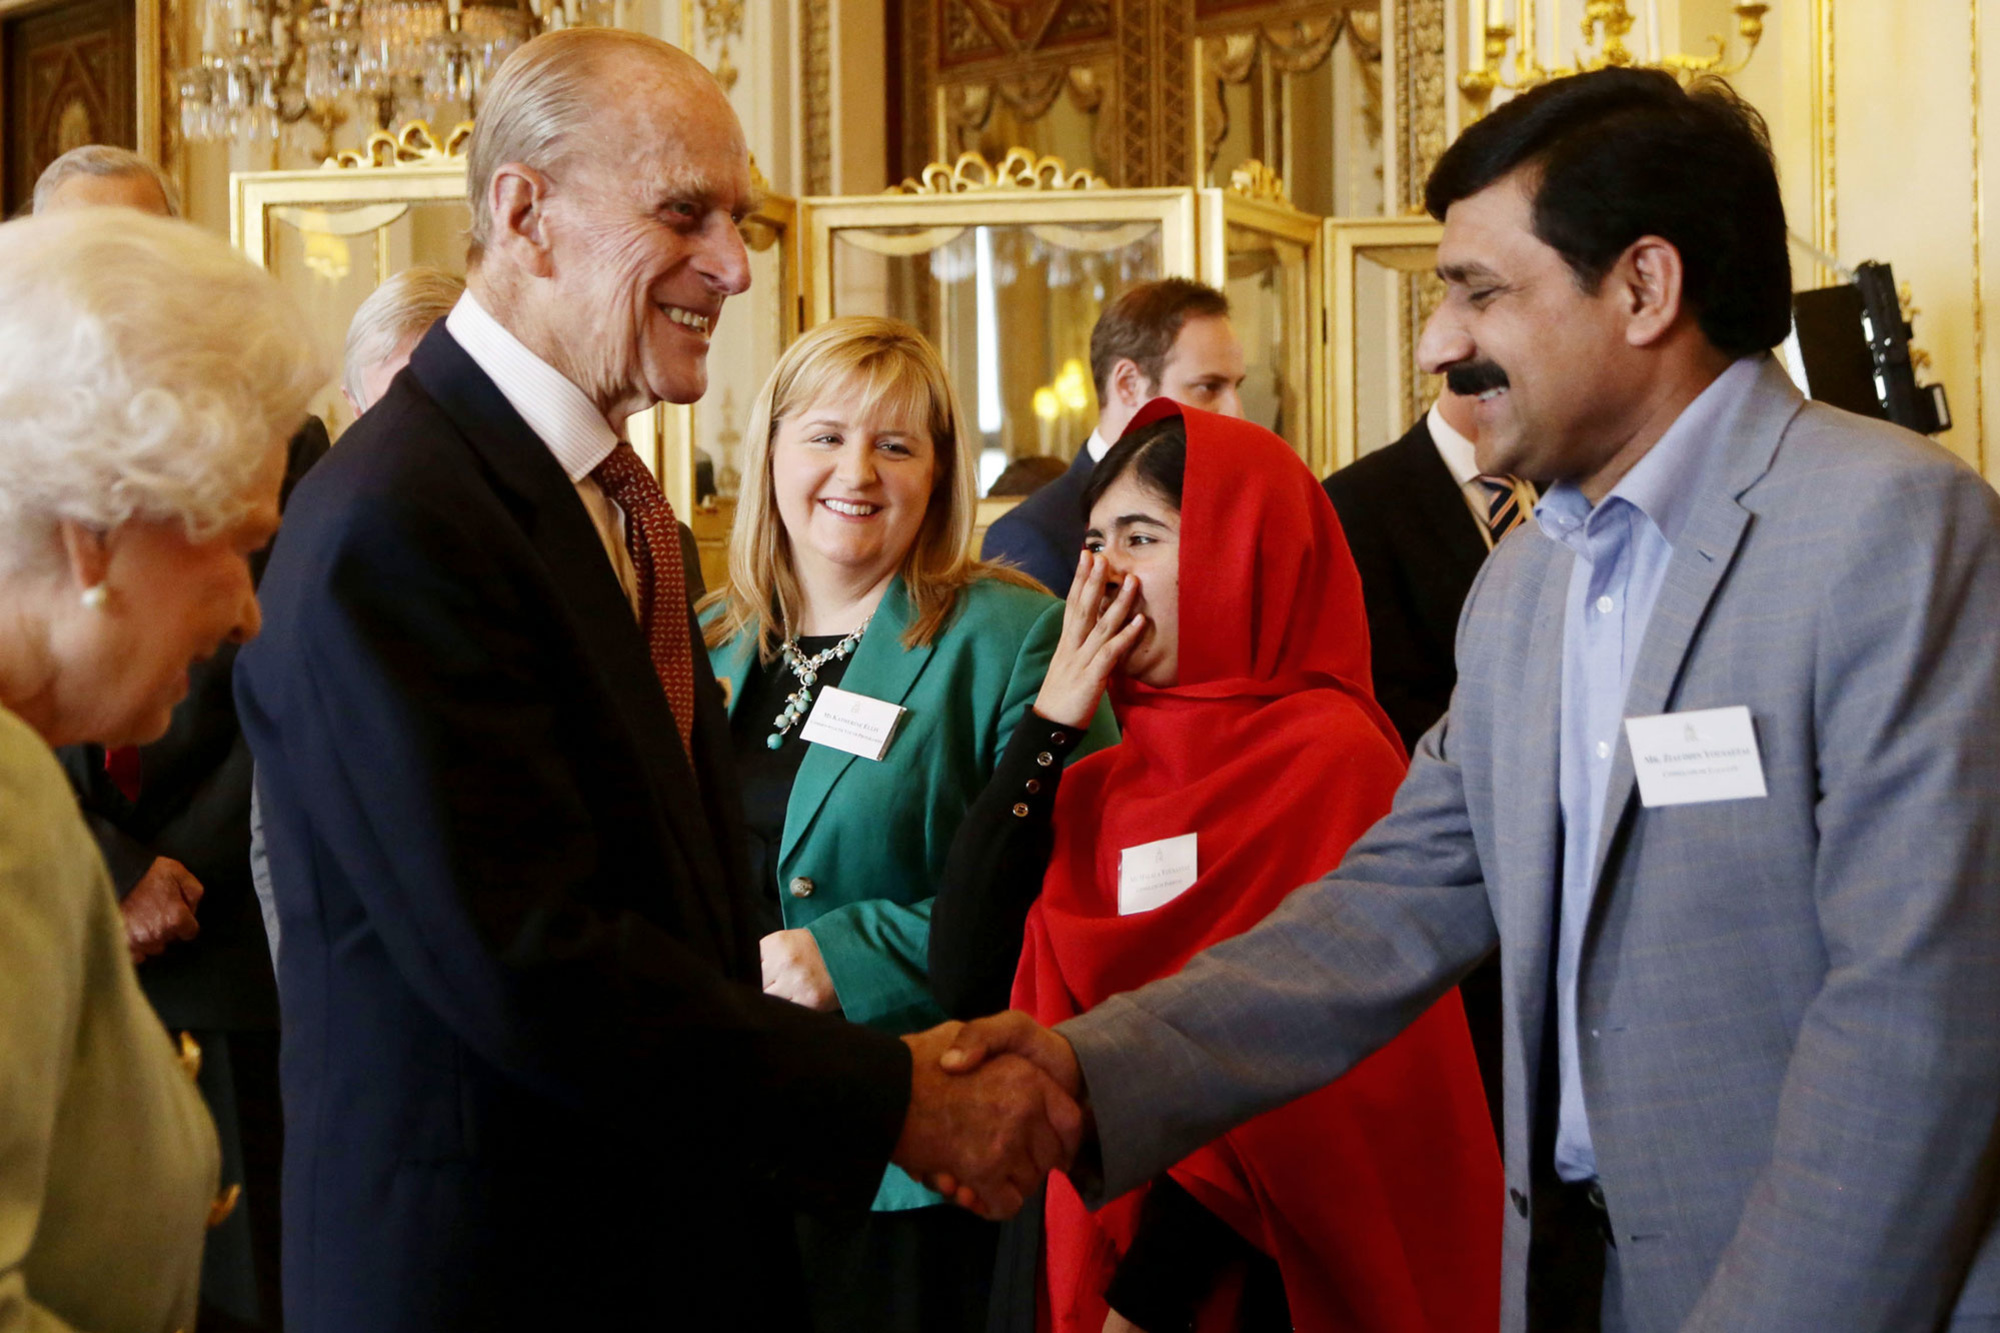 Prins Philip met Malala Yousafzai in 2013., getty